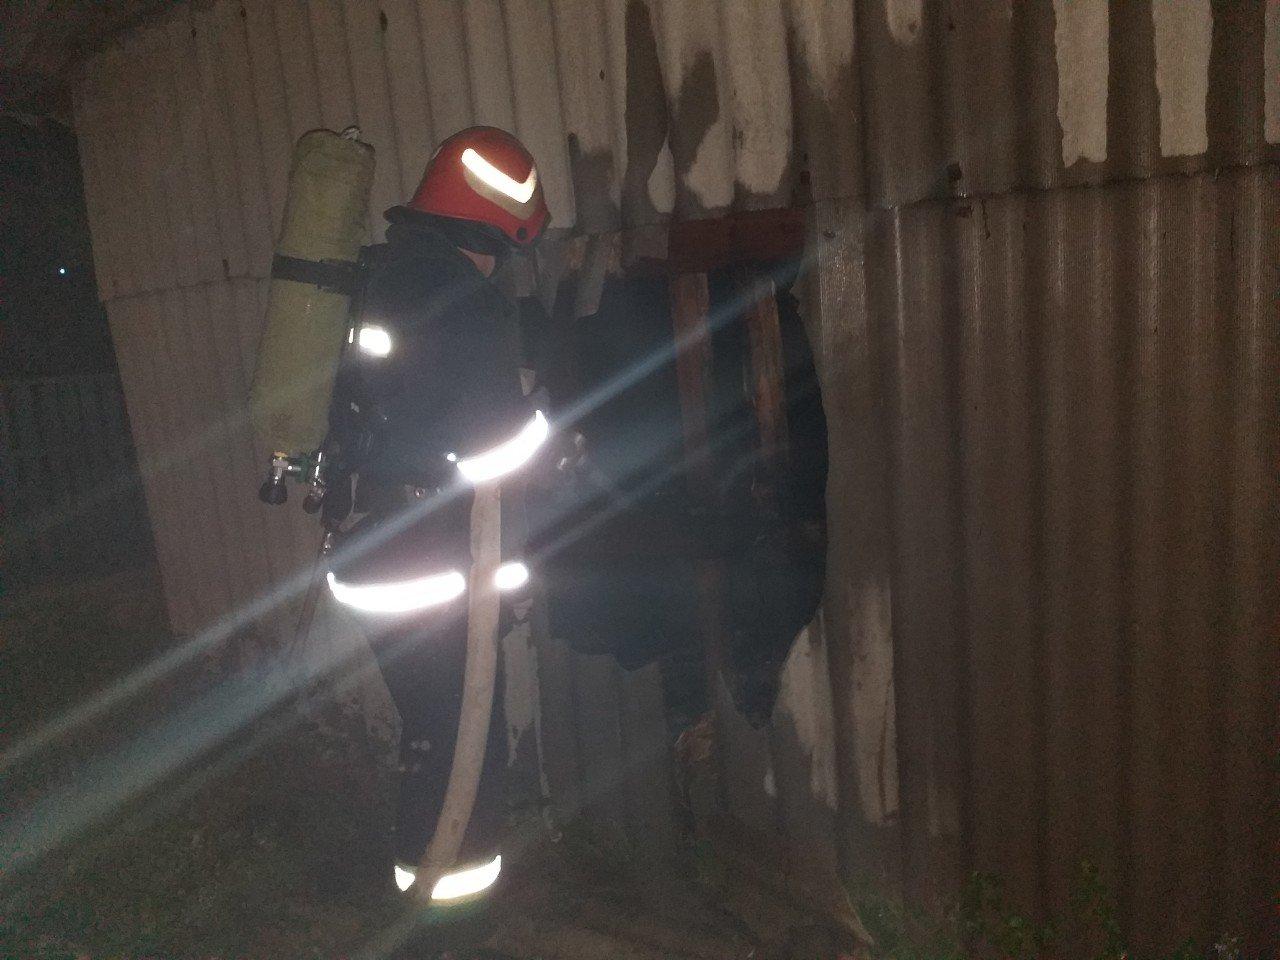 Кіровоградська область: на вихідних вогнеборці загасили 4 пожежі у житловому секторі та 3 займання сухої трави і сміття (ФОТО), фото-1